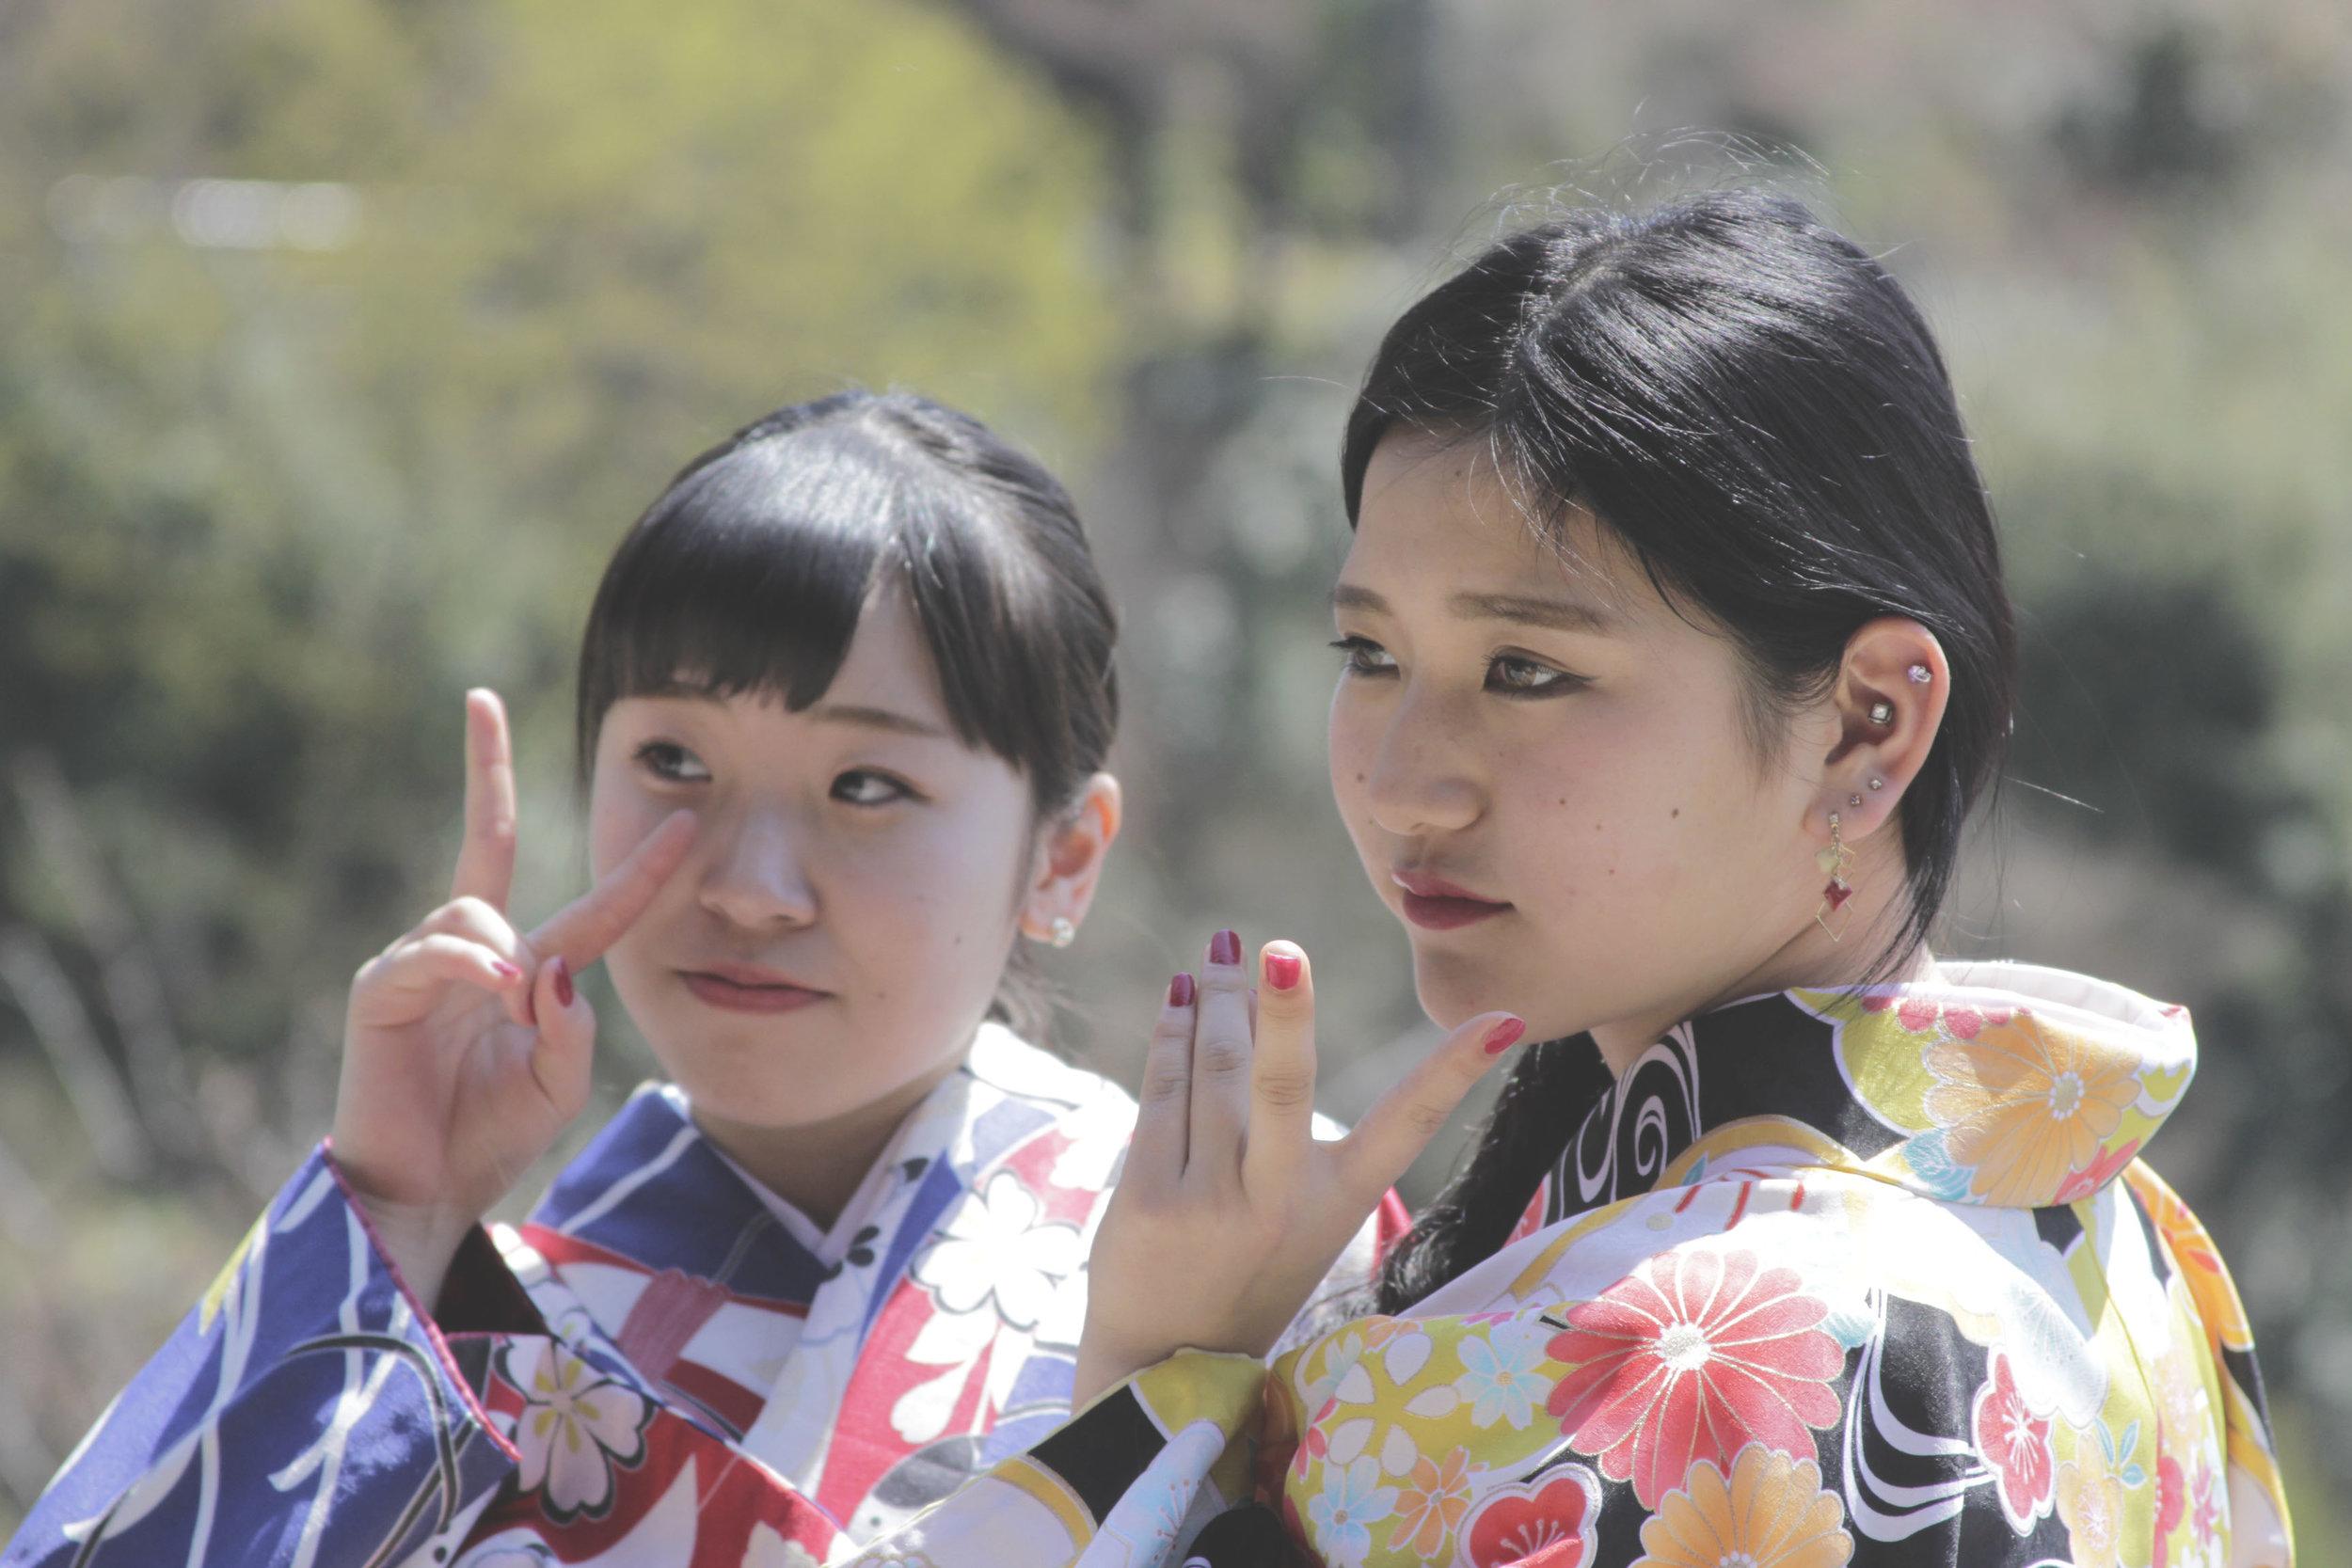 O aluguel de quimonos para passear pela cidade e tirar fotos é super normal, principalmente em Kyoto.